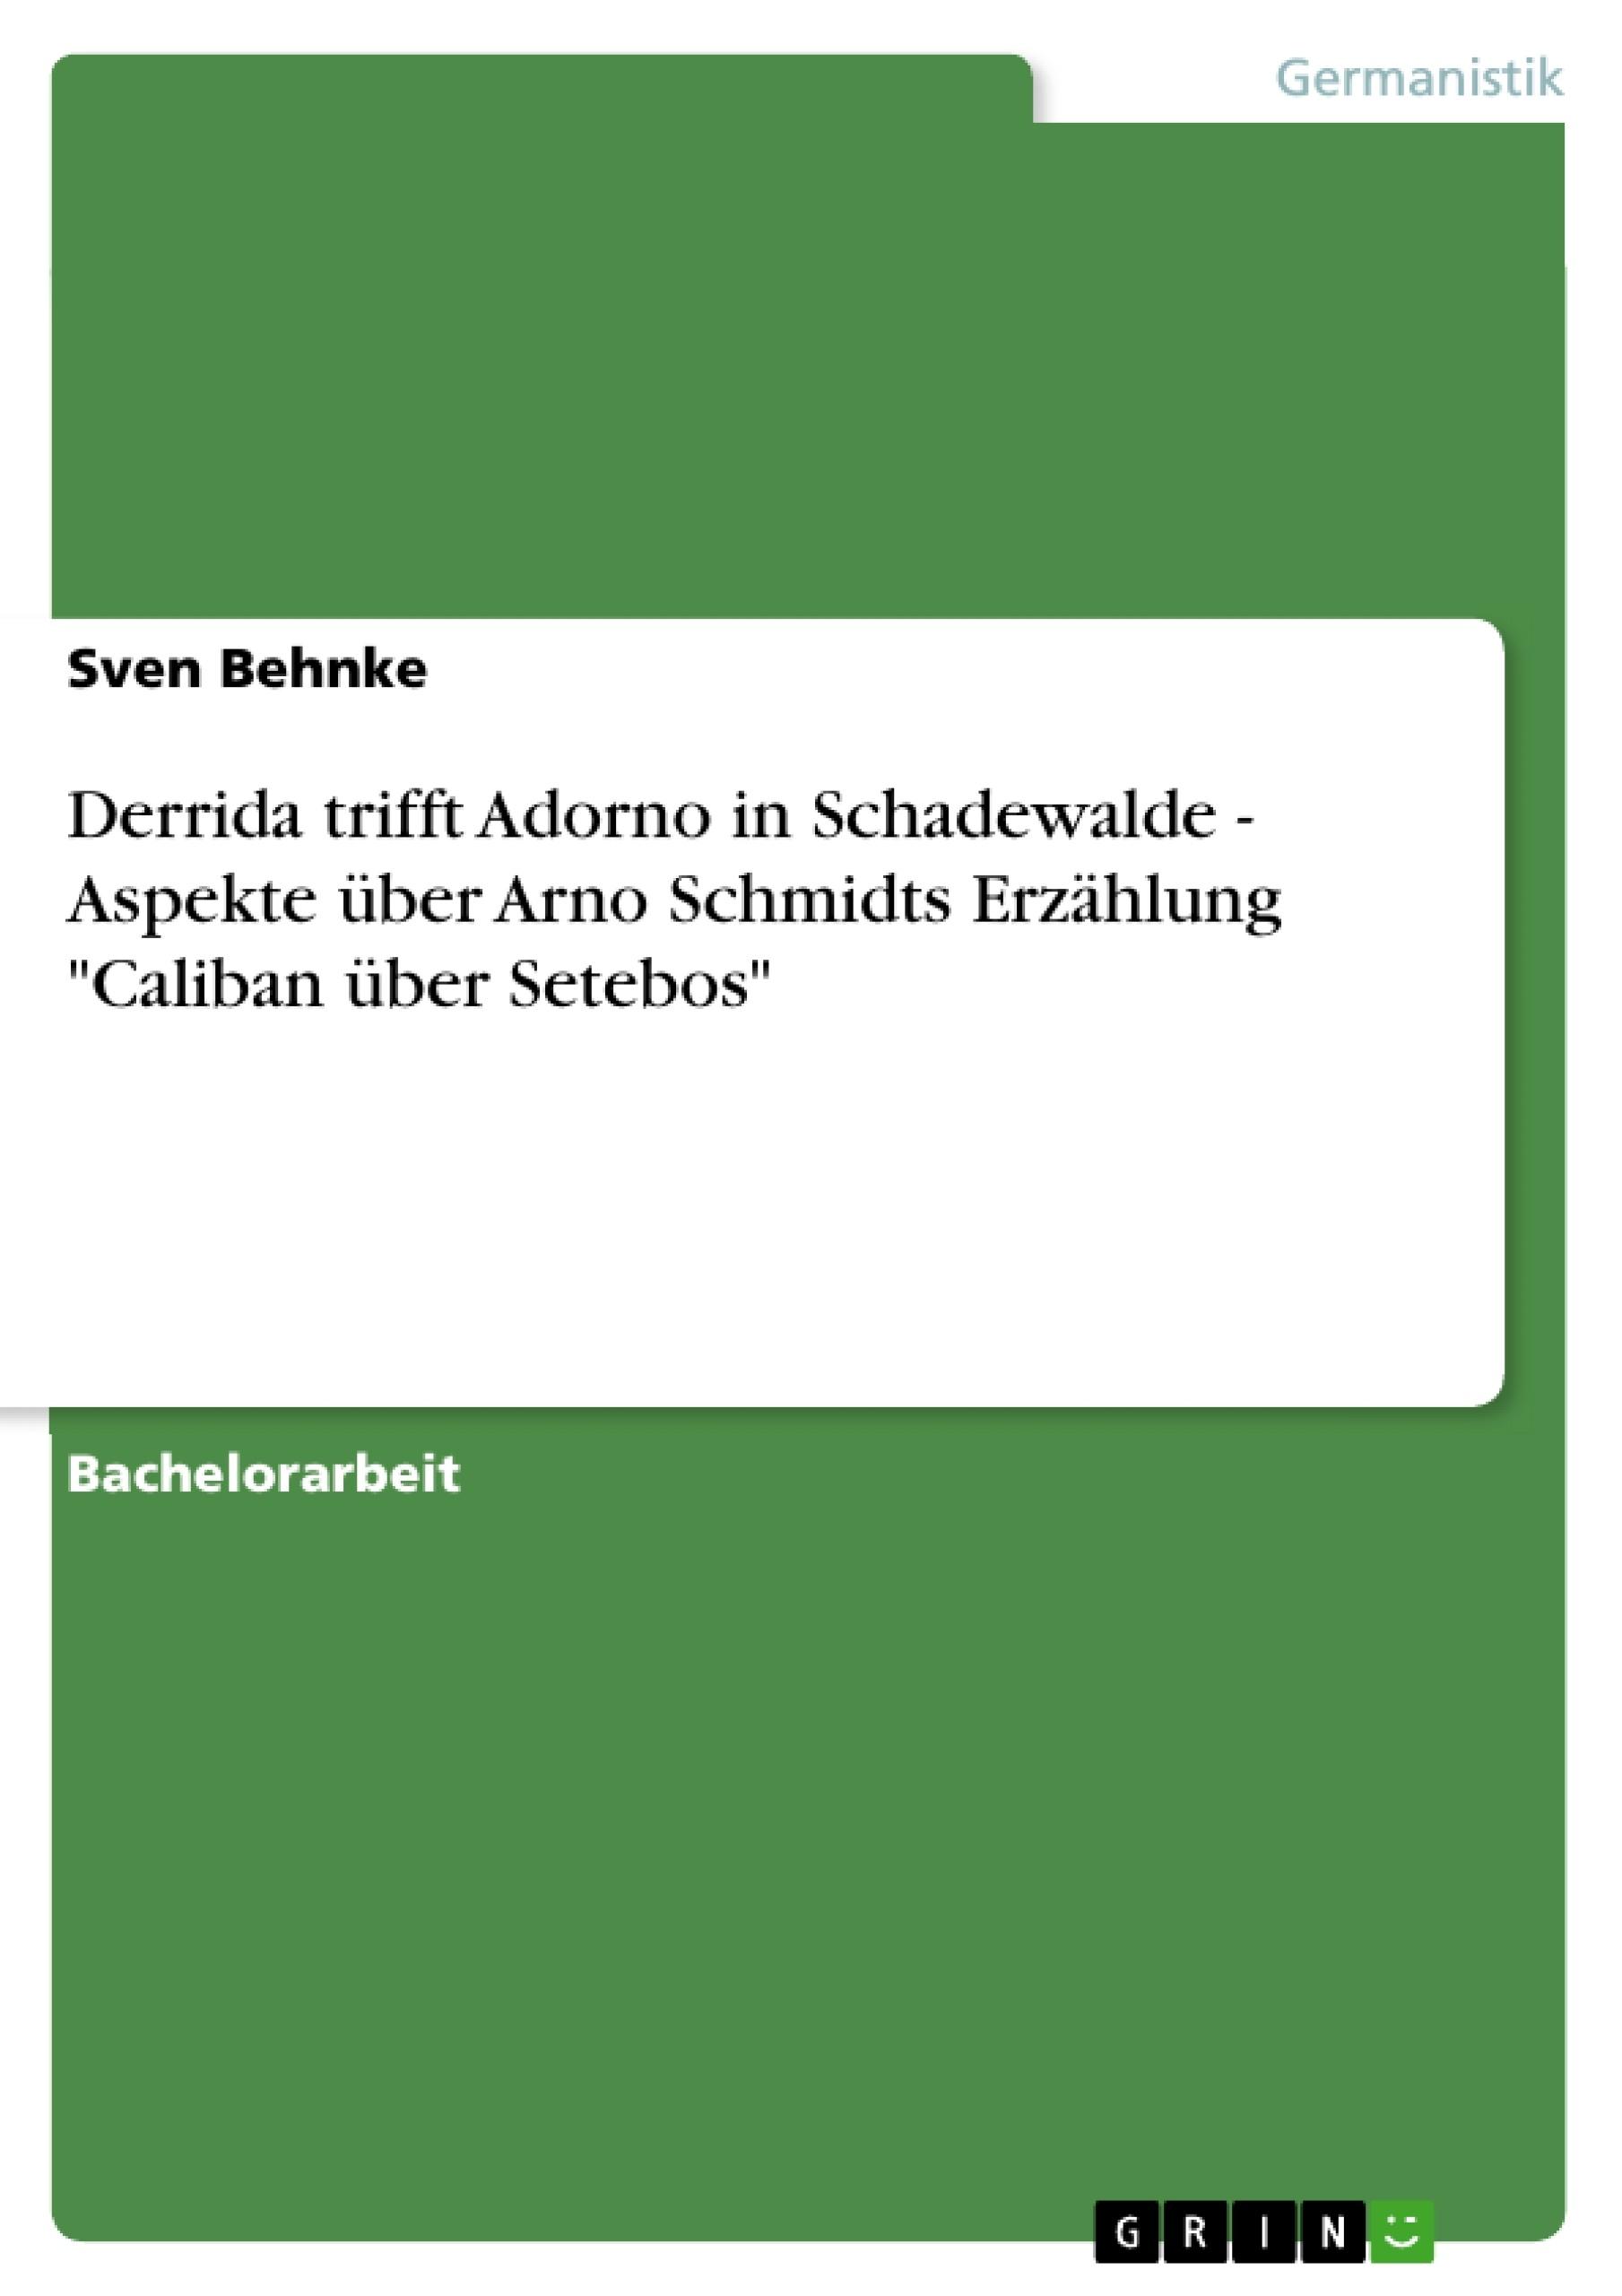 """Titel: Derrida trifft Adorno in Schadewalde - Aspekte über Arno Schmidts Erzählung """"Caliban über Setebos"""""""